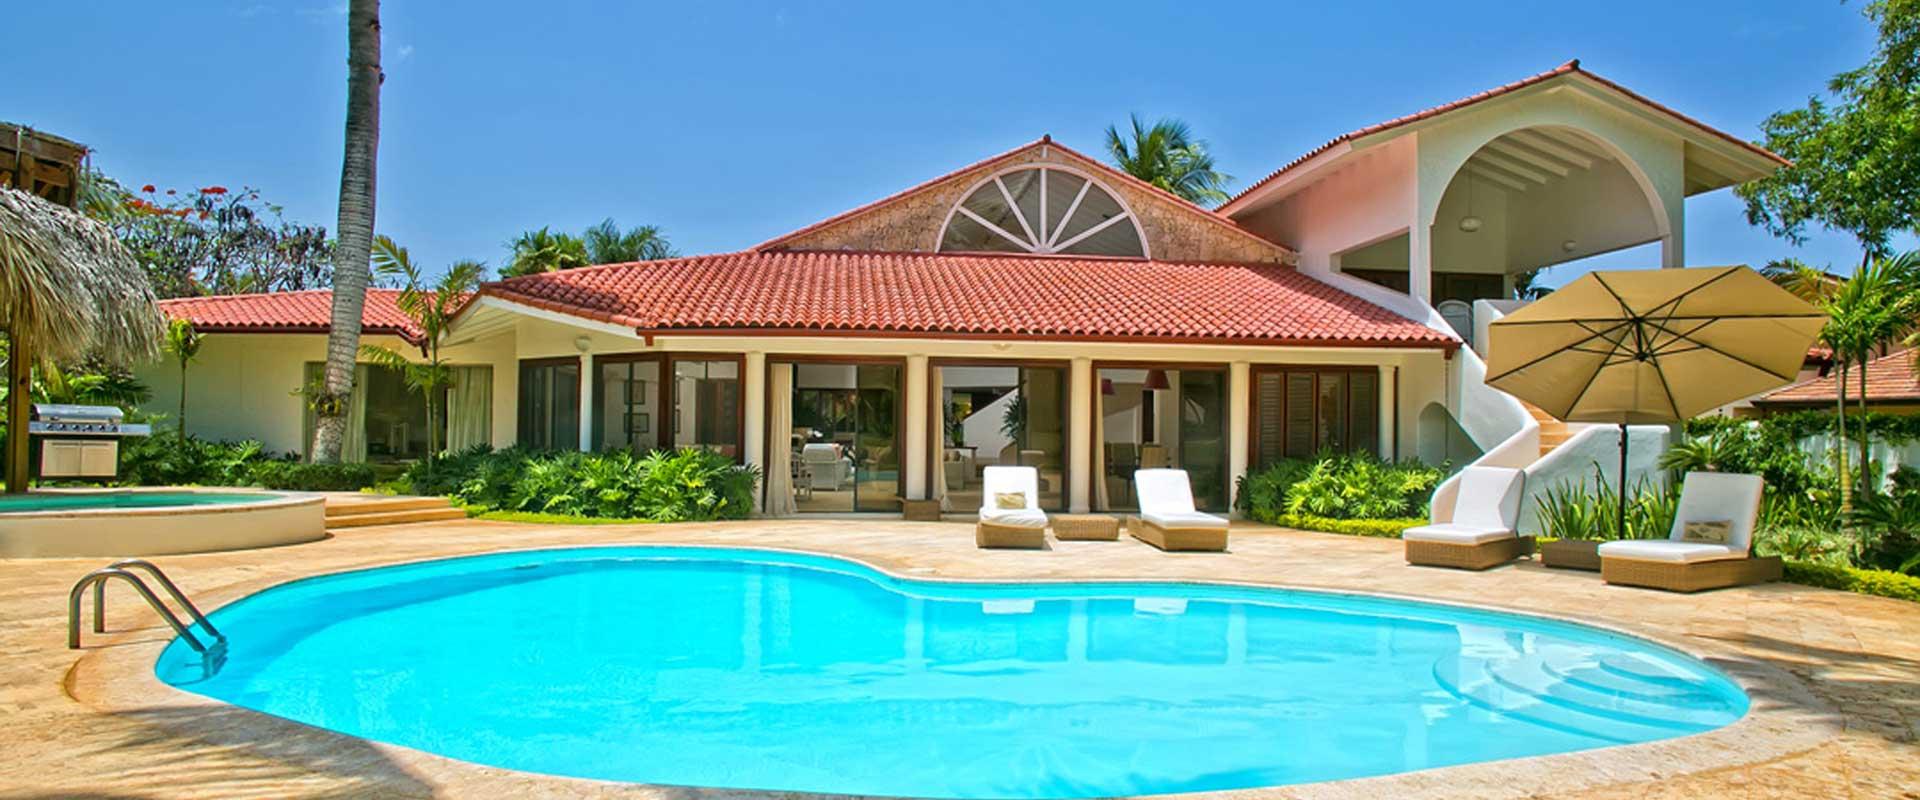 Aitana villa aitana casa de campo isle blue for Villas casa de campo